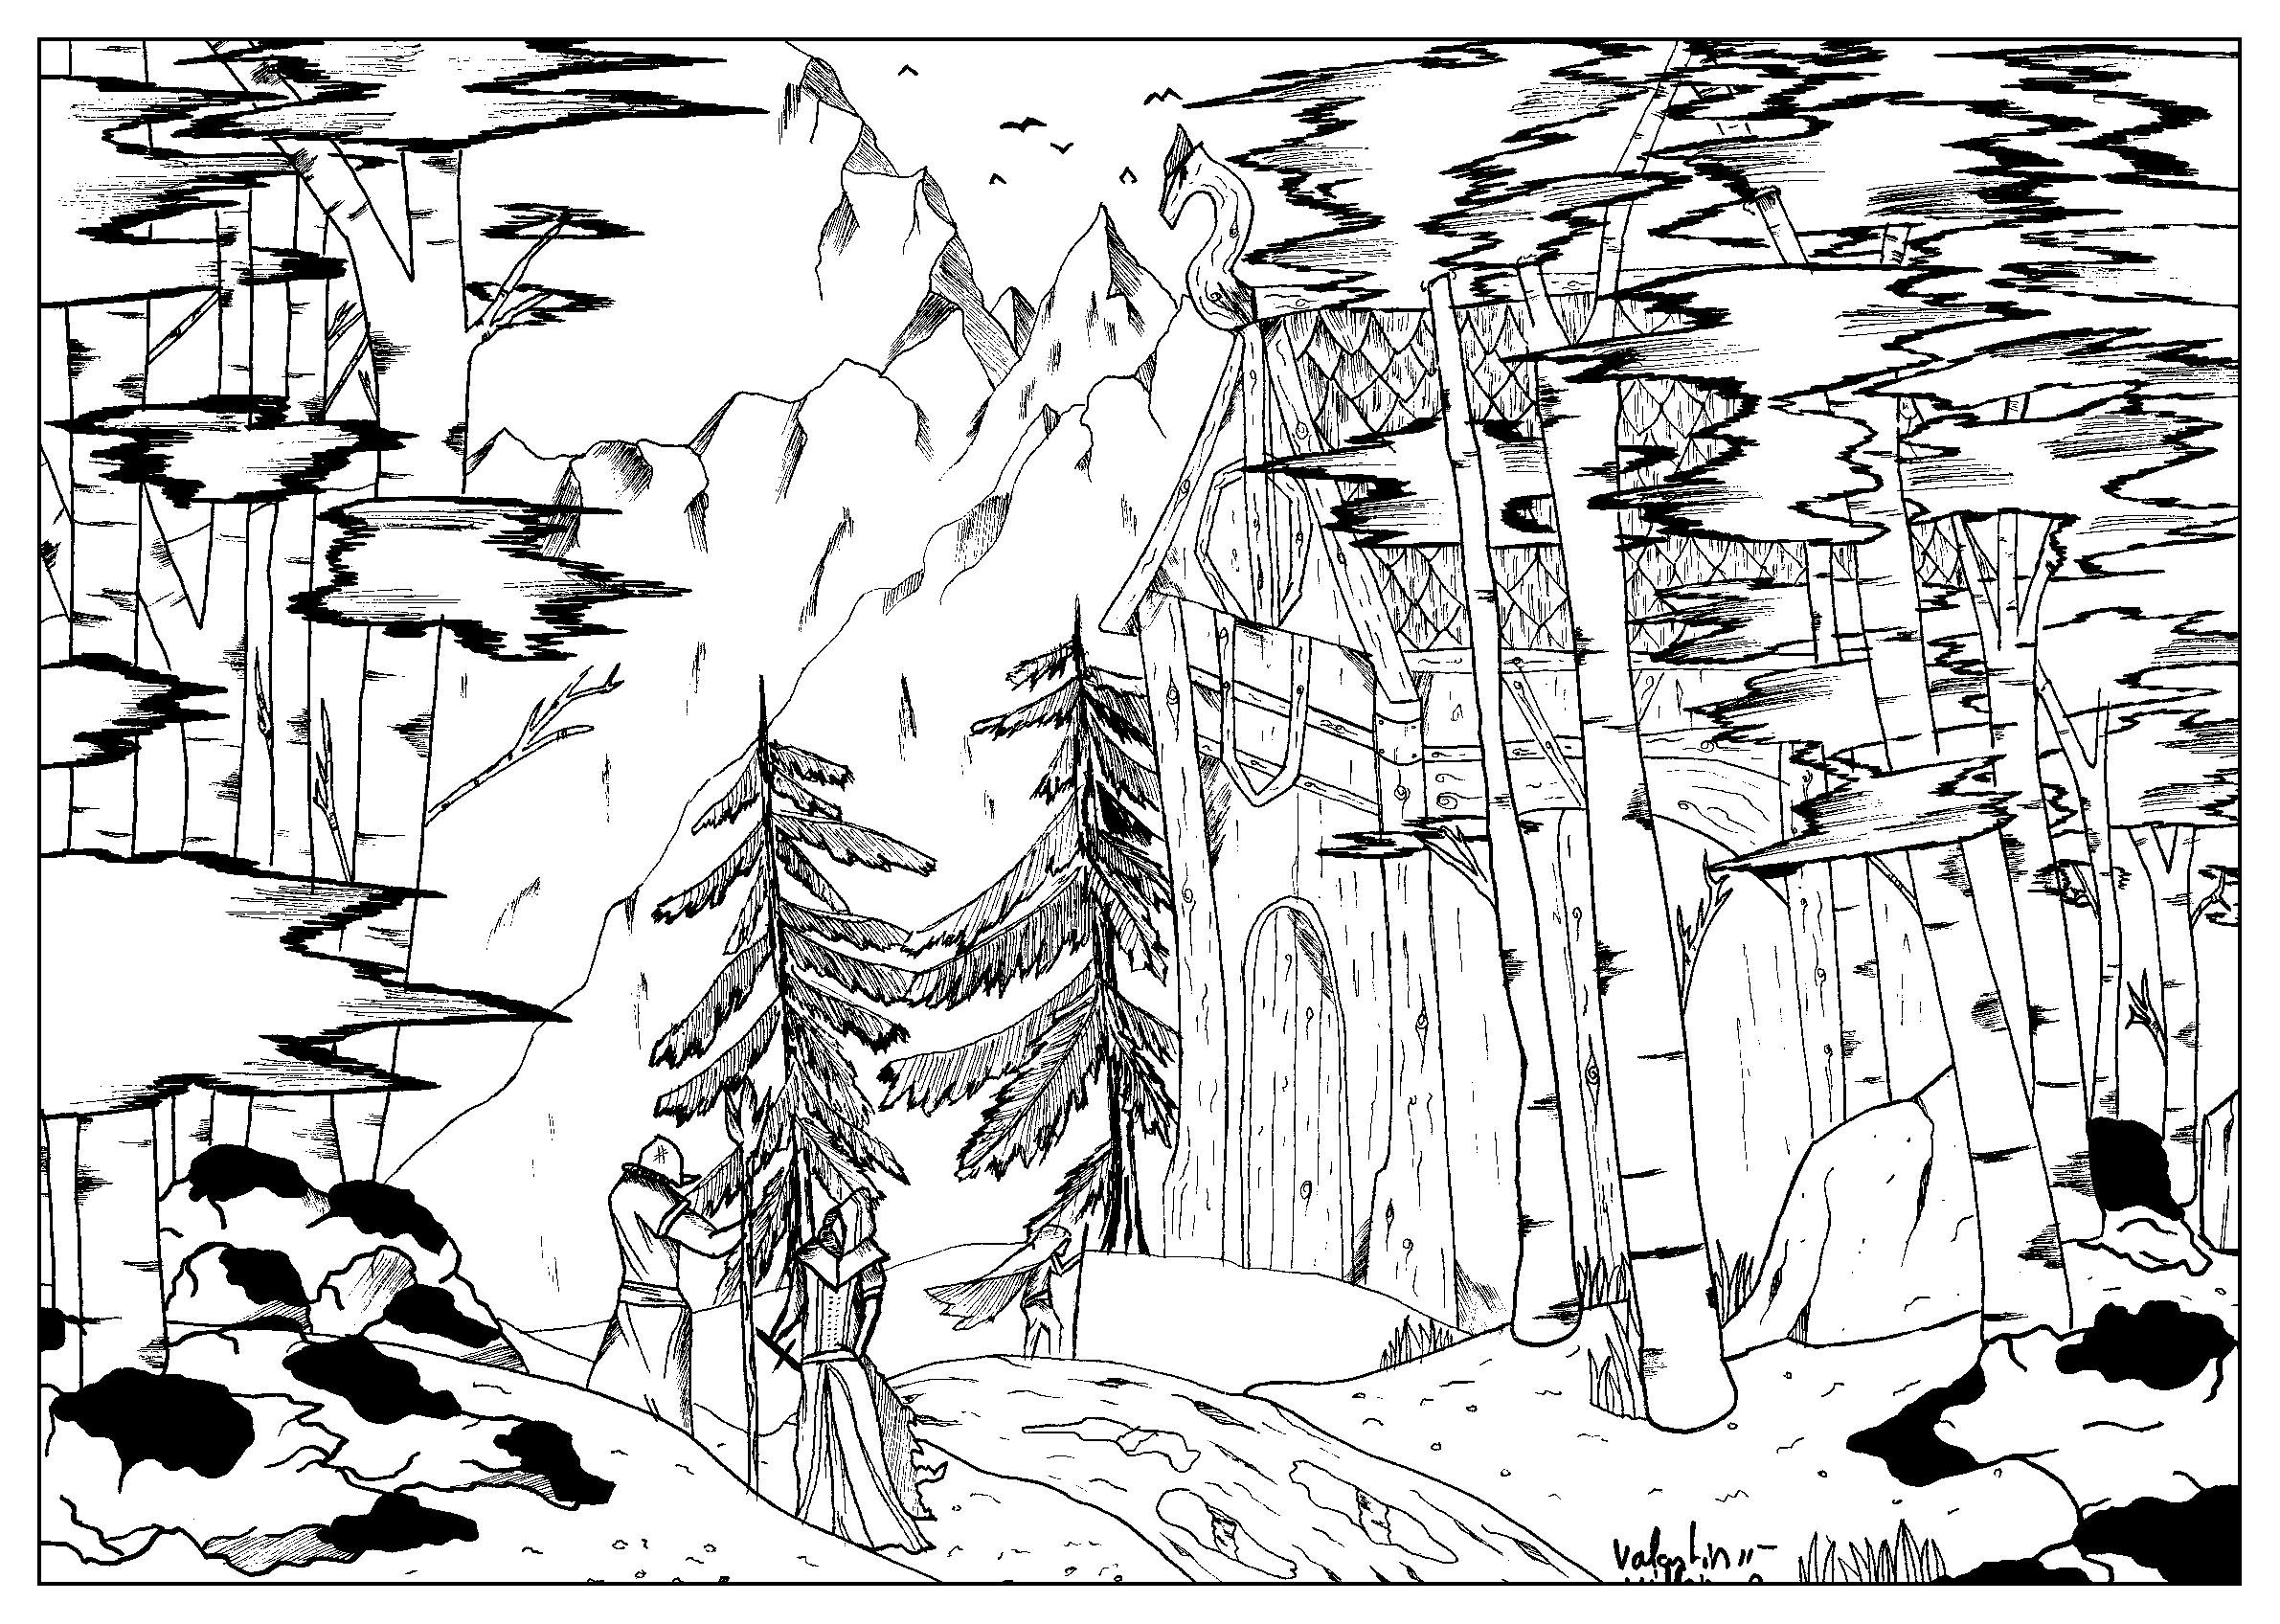 Un coloriage avec une maison viking